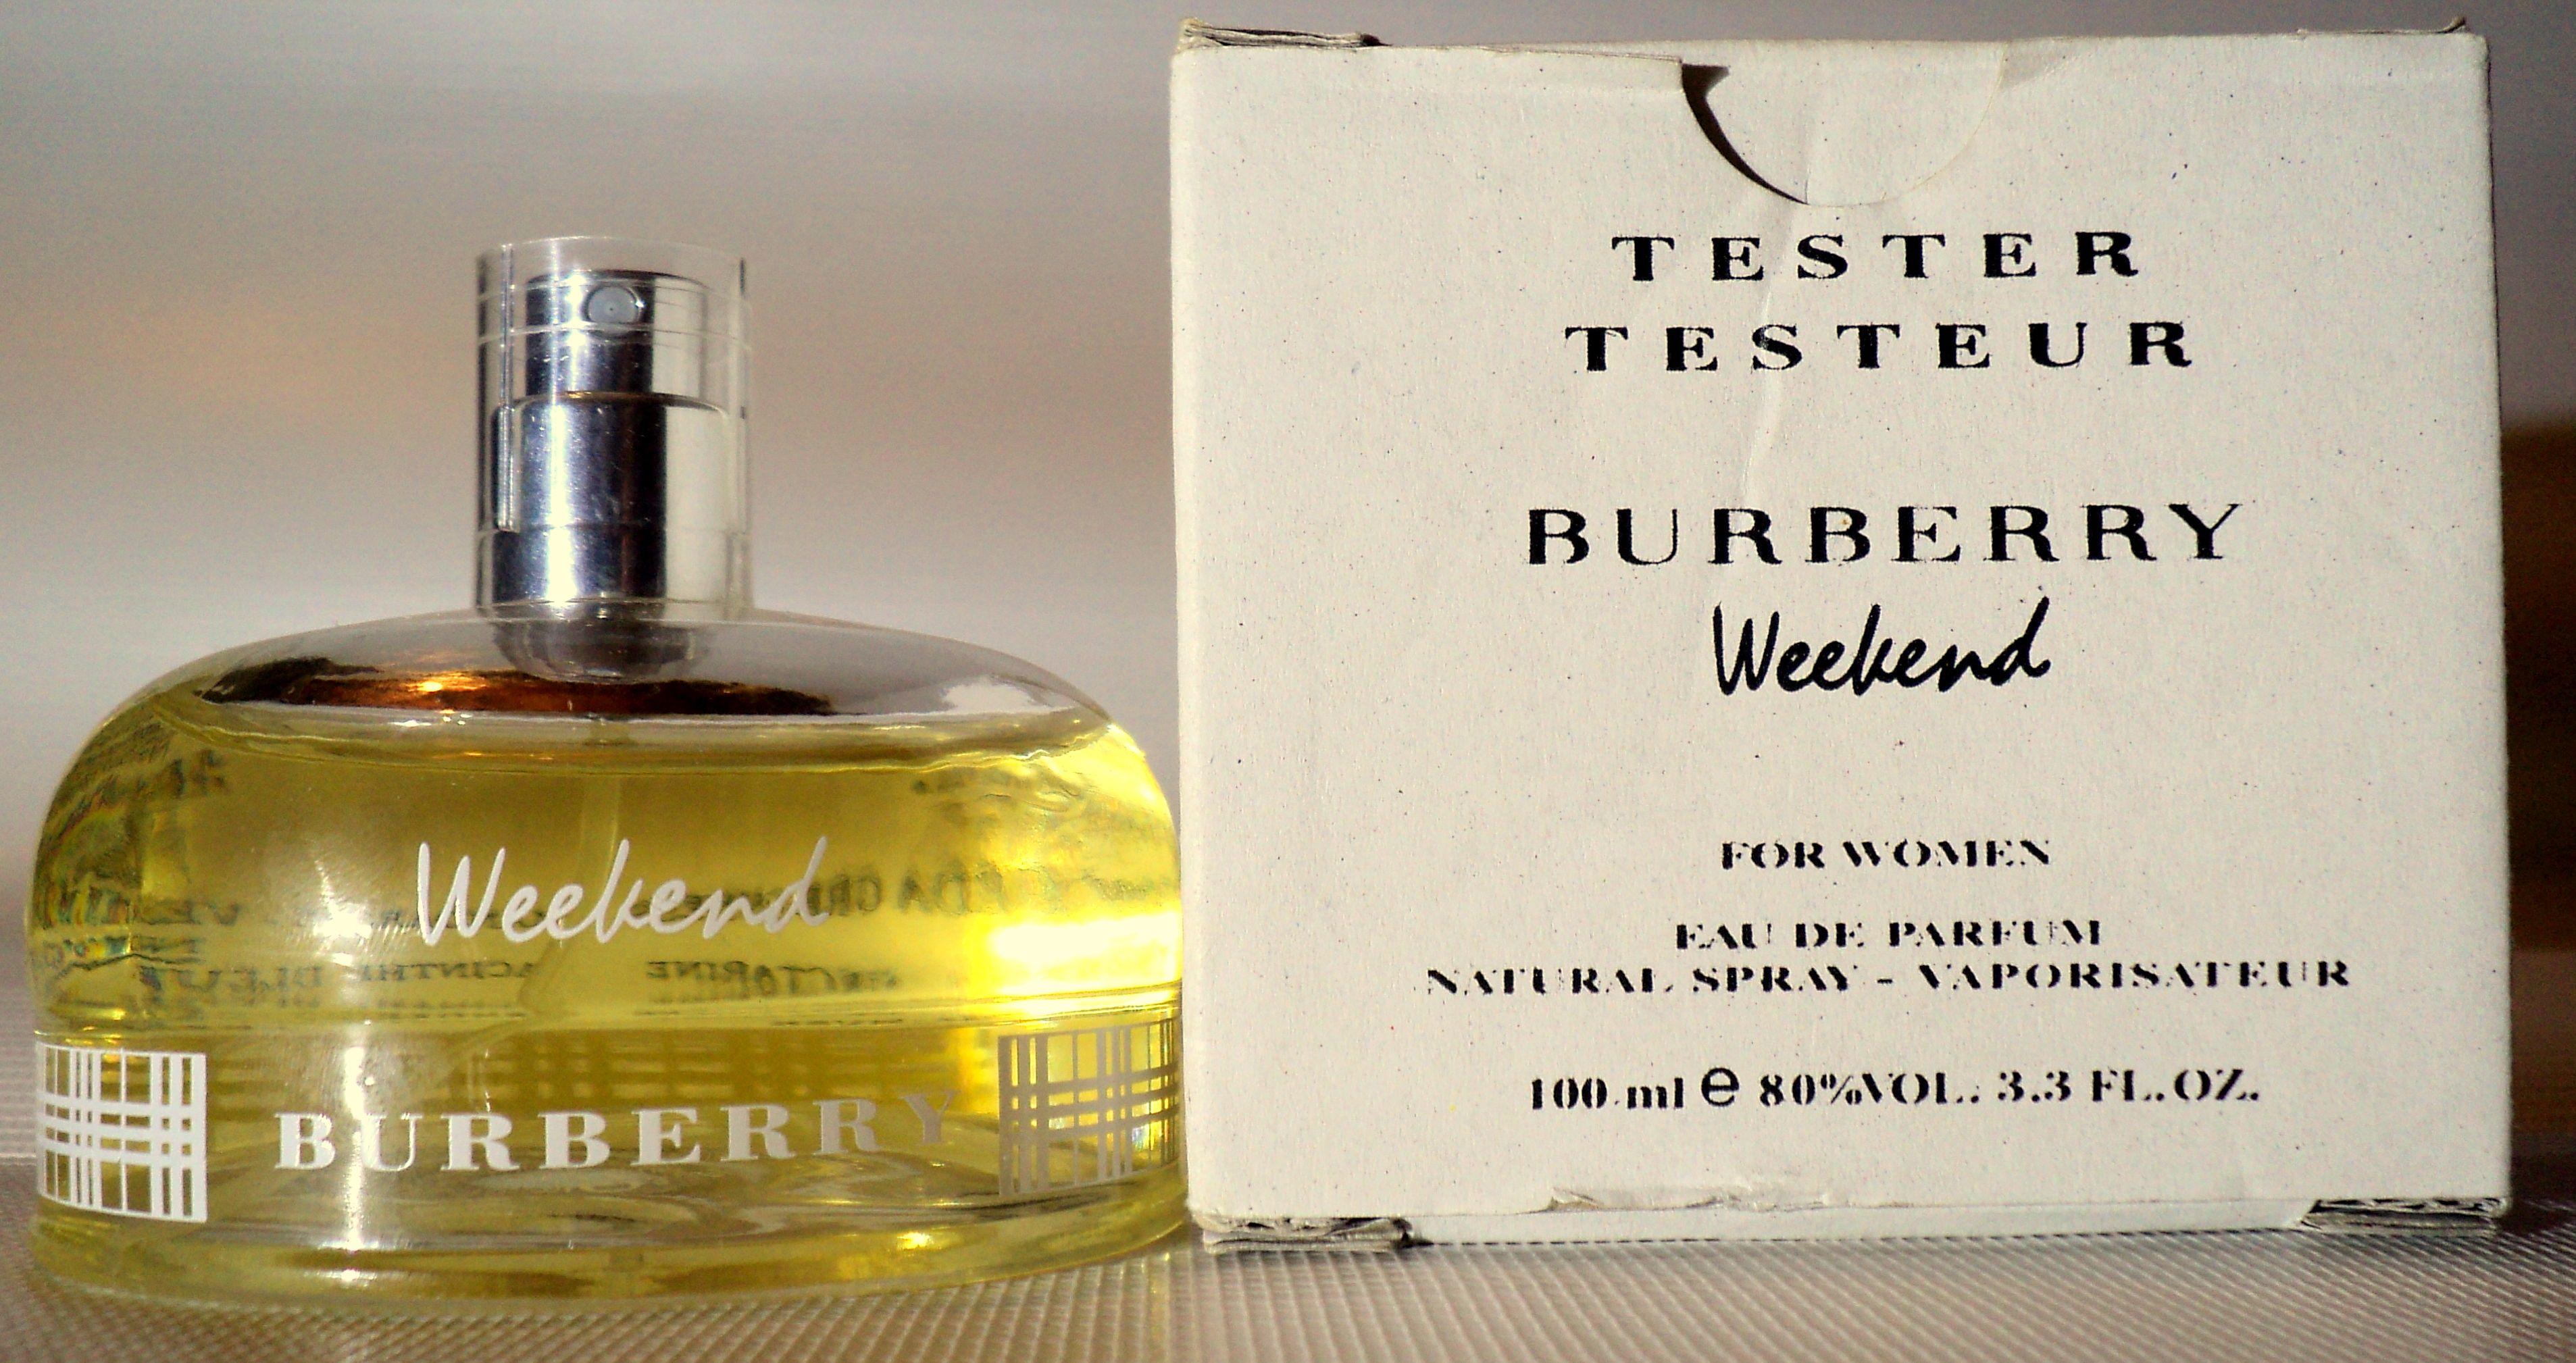 De vanzare, peste 90 de sortimente Parfum Tester, cu preturi incepand de la 119 Ron! Livrare personala in Bucuresti! 0763.589.723 | 0725.398.675